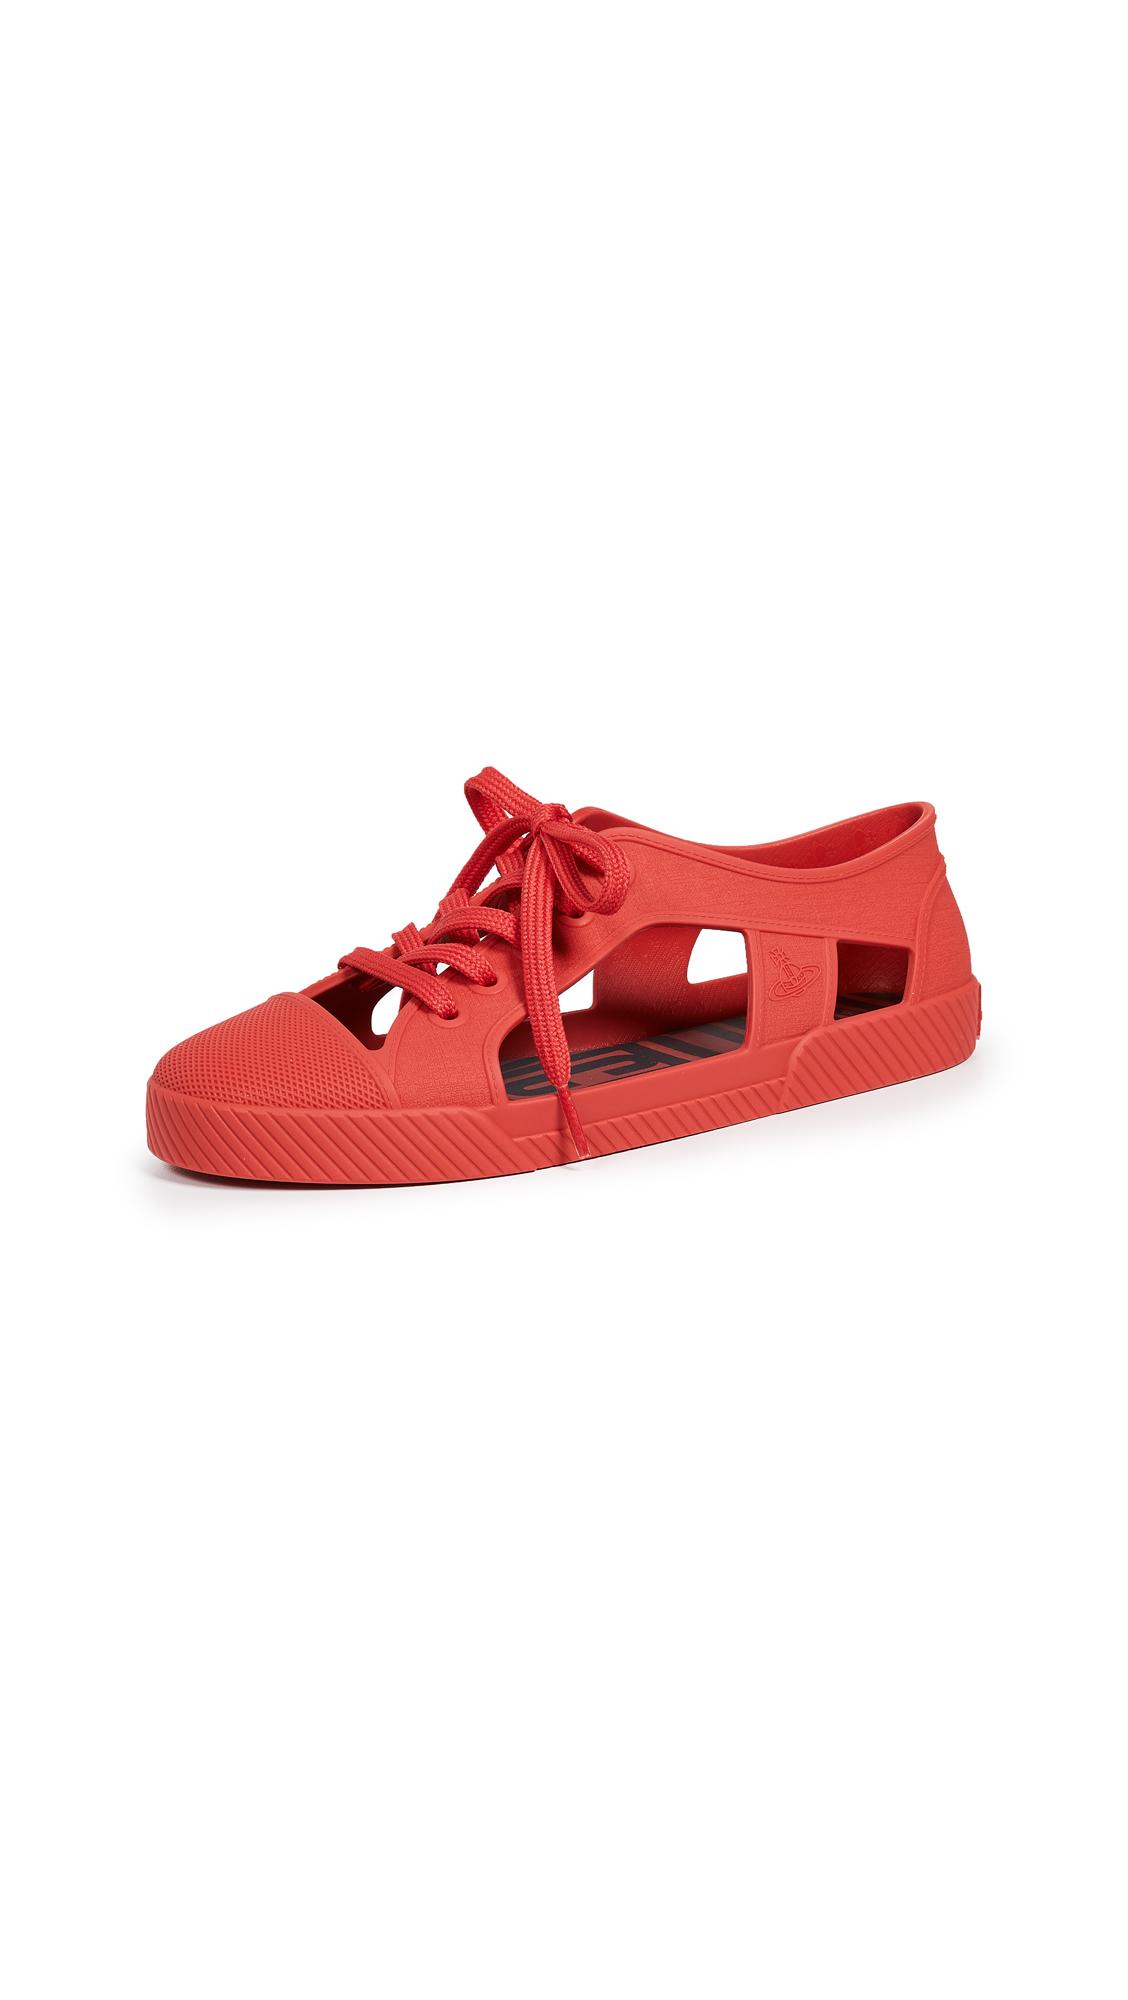 Melissa x Vivienne Westwood Brighton Sneakers - Red